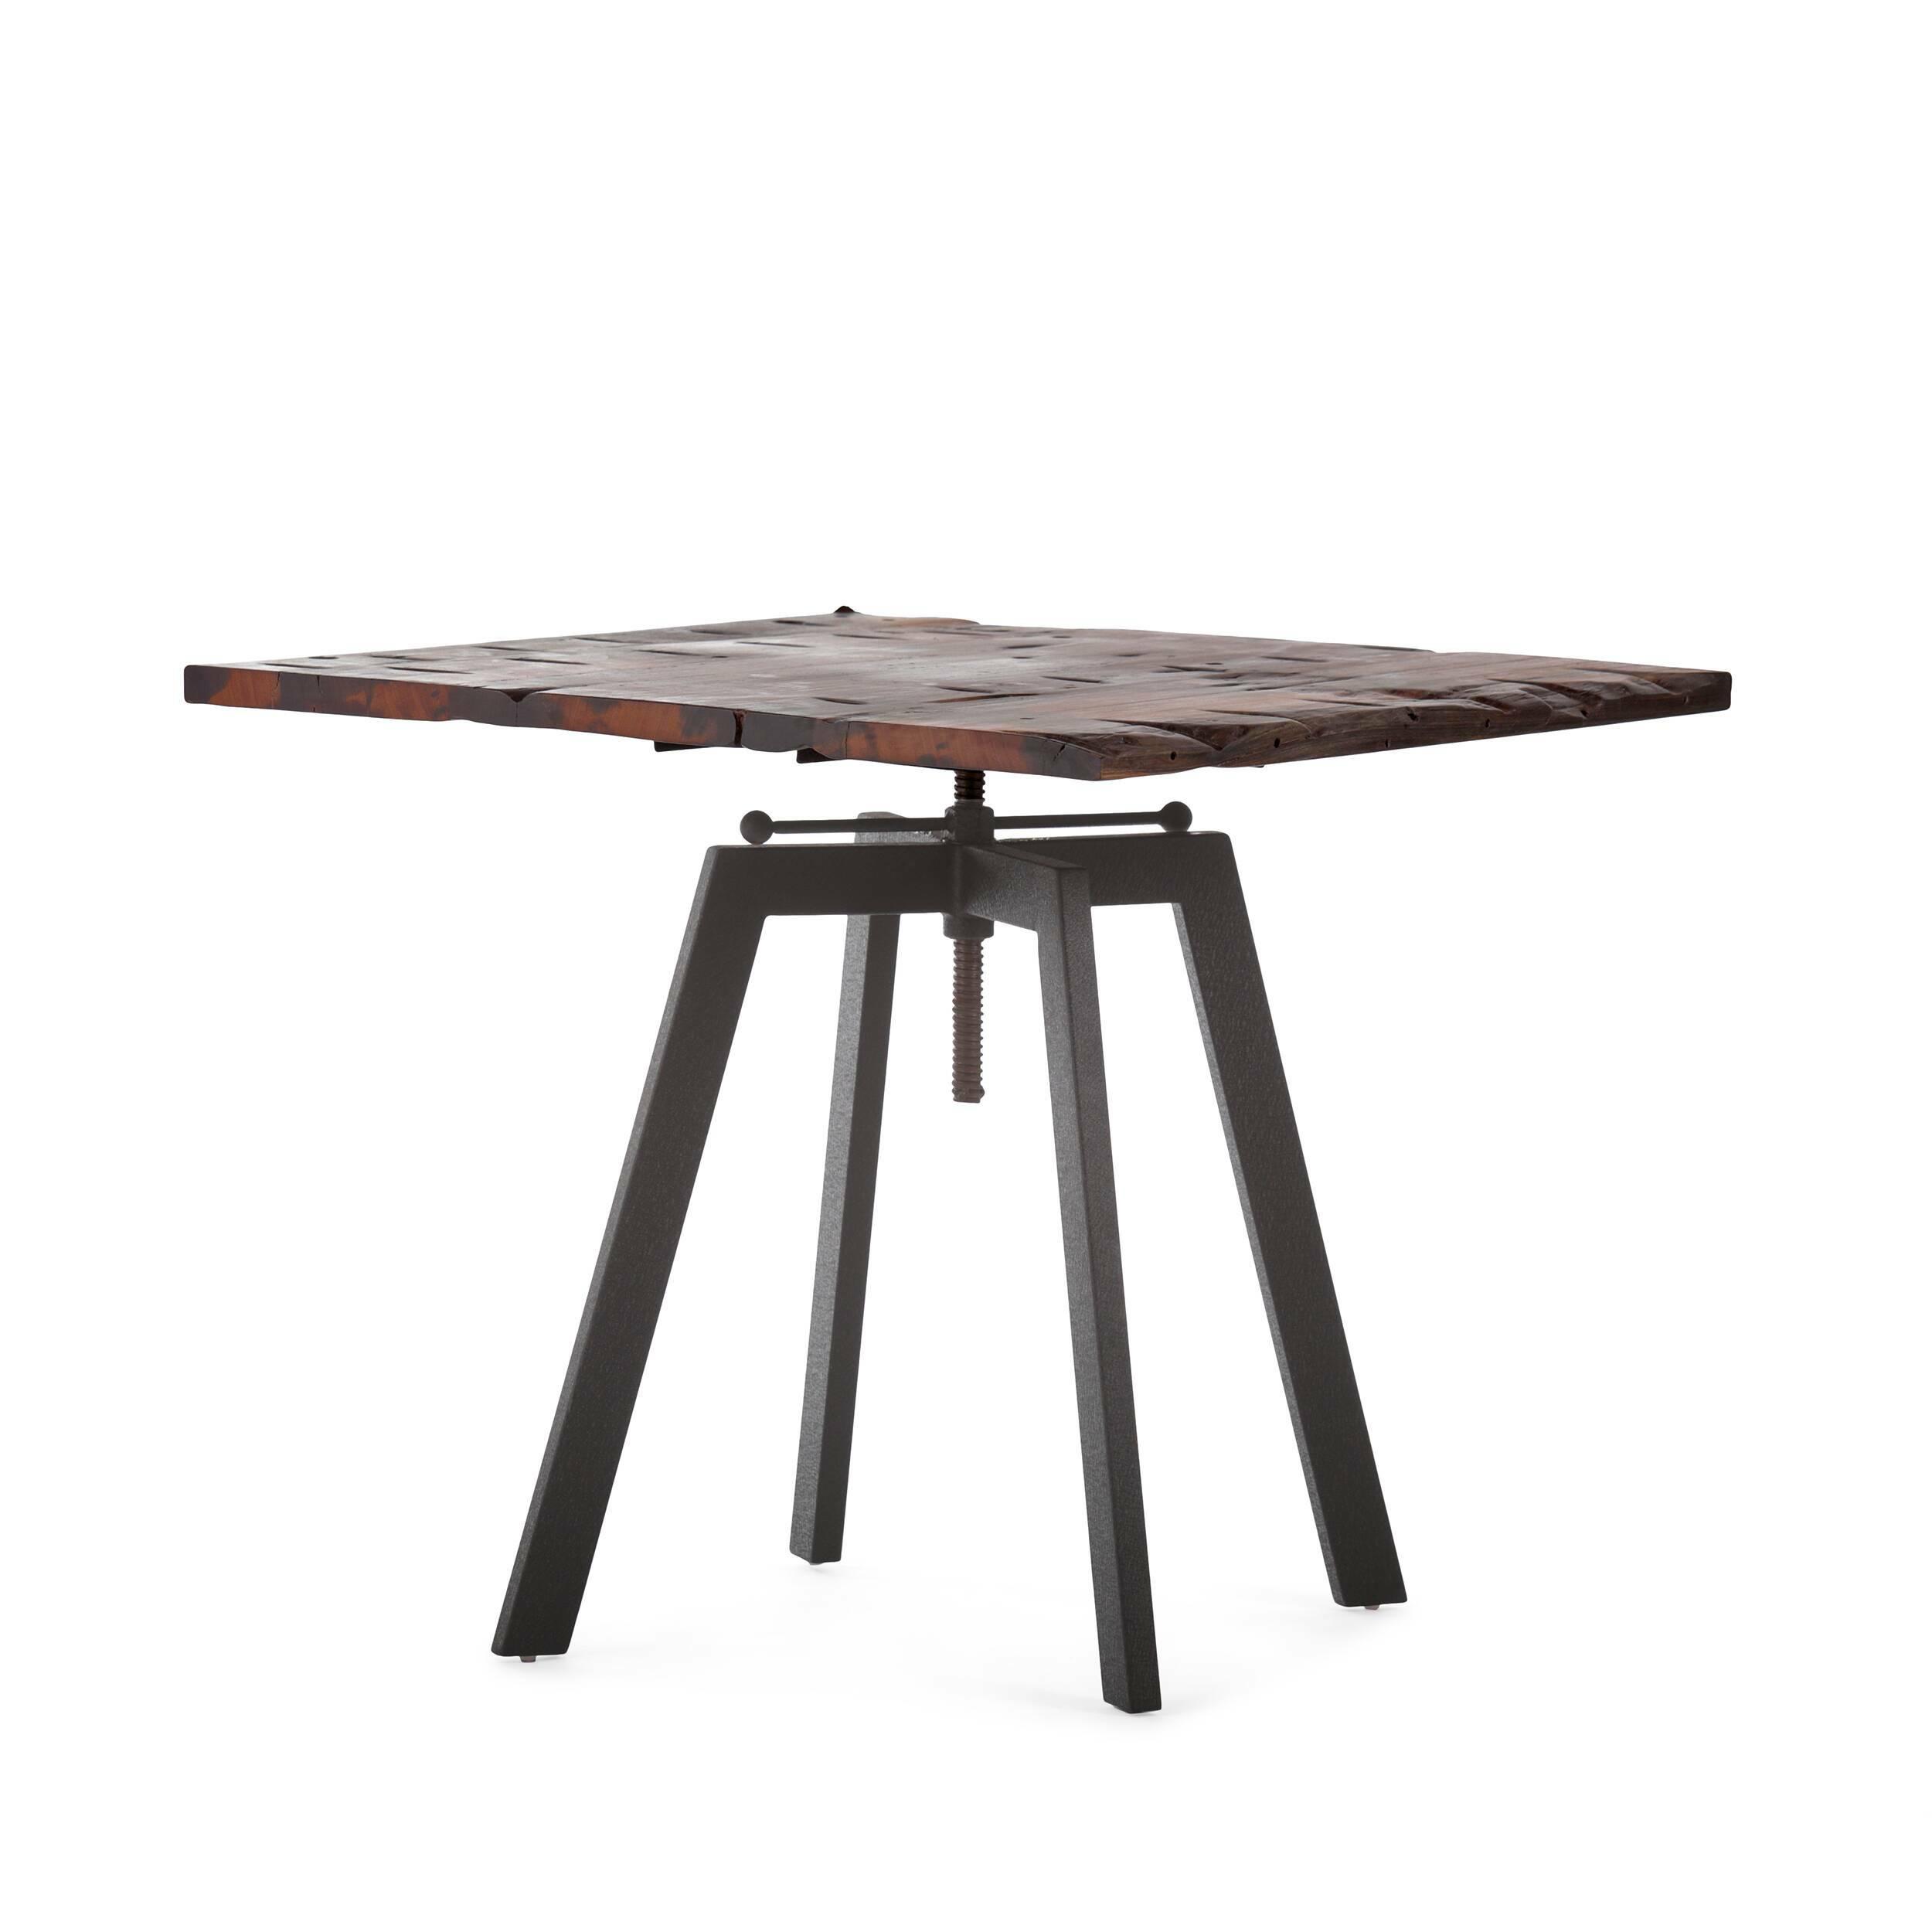 Обеденный стол ToughОбеденные<br>Дизайнерская квадратный обеденный стол Tough в индустриальном стиле со столешницей из массива дерева от Cosmo (Космо).Никакая обеденная зона не обойдется без обеденного стола — полноценного участника интерьера, собирающего всю семью за трапезой. Стол Tough — это массивный обеденный стол в индустриальном стиле, о чем говорят подобранные материалы и конструкция изделия. Антикварная столешница из натурального дерева в сочетании с грубым металлом выглядит эффектно и колоритно. <br> <br> Важным момент...<br><br>stock: 3<br>Высота: 72-92<br>Ширина: 80<br>Длина: 80<br>Цвет ножек: Черный<br>Цвет столешницы: Темно-коричневый<br>Материал столешницы: Массив состаренного дерева<br>Тип материала столешницы: Дерево<br>Тип материала ножек: Сталь